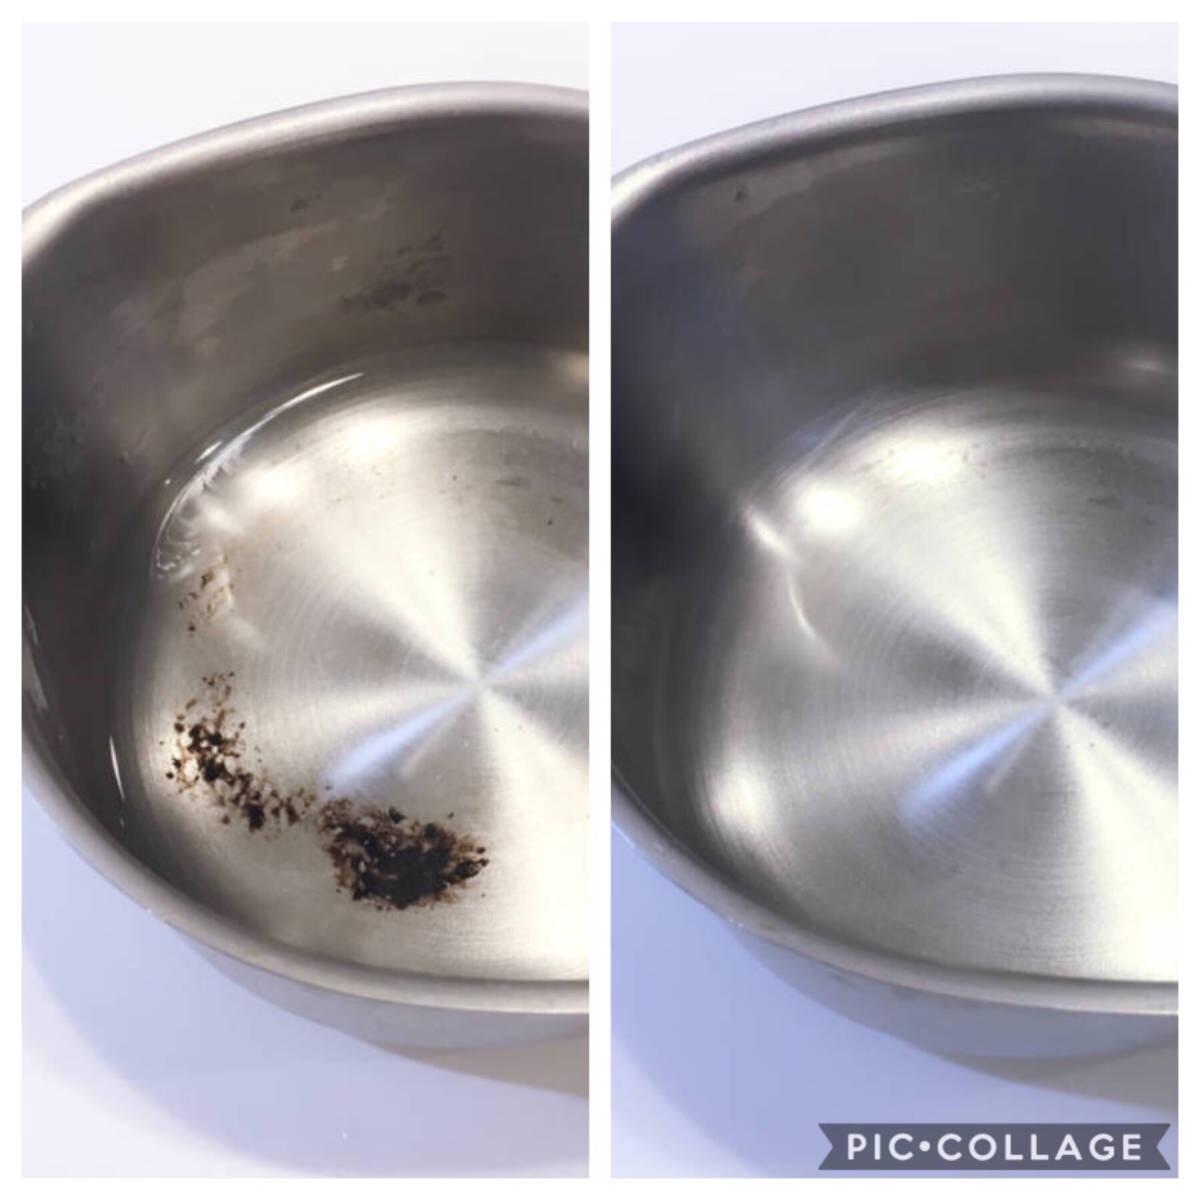 ステンレスの鍋は焦げ付いても重曹で元通り